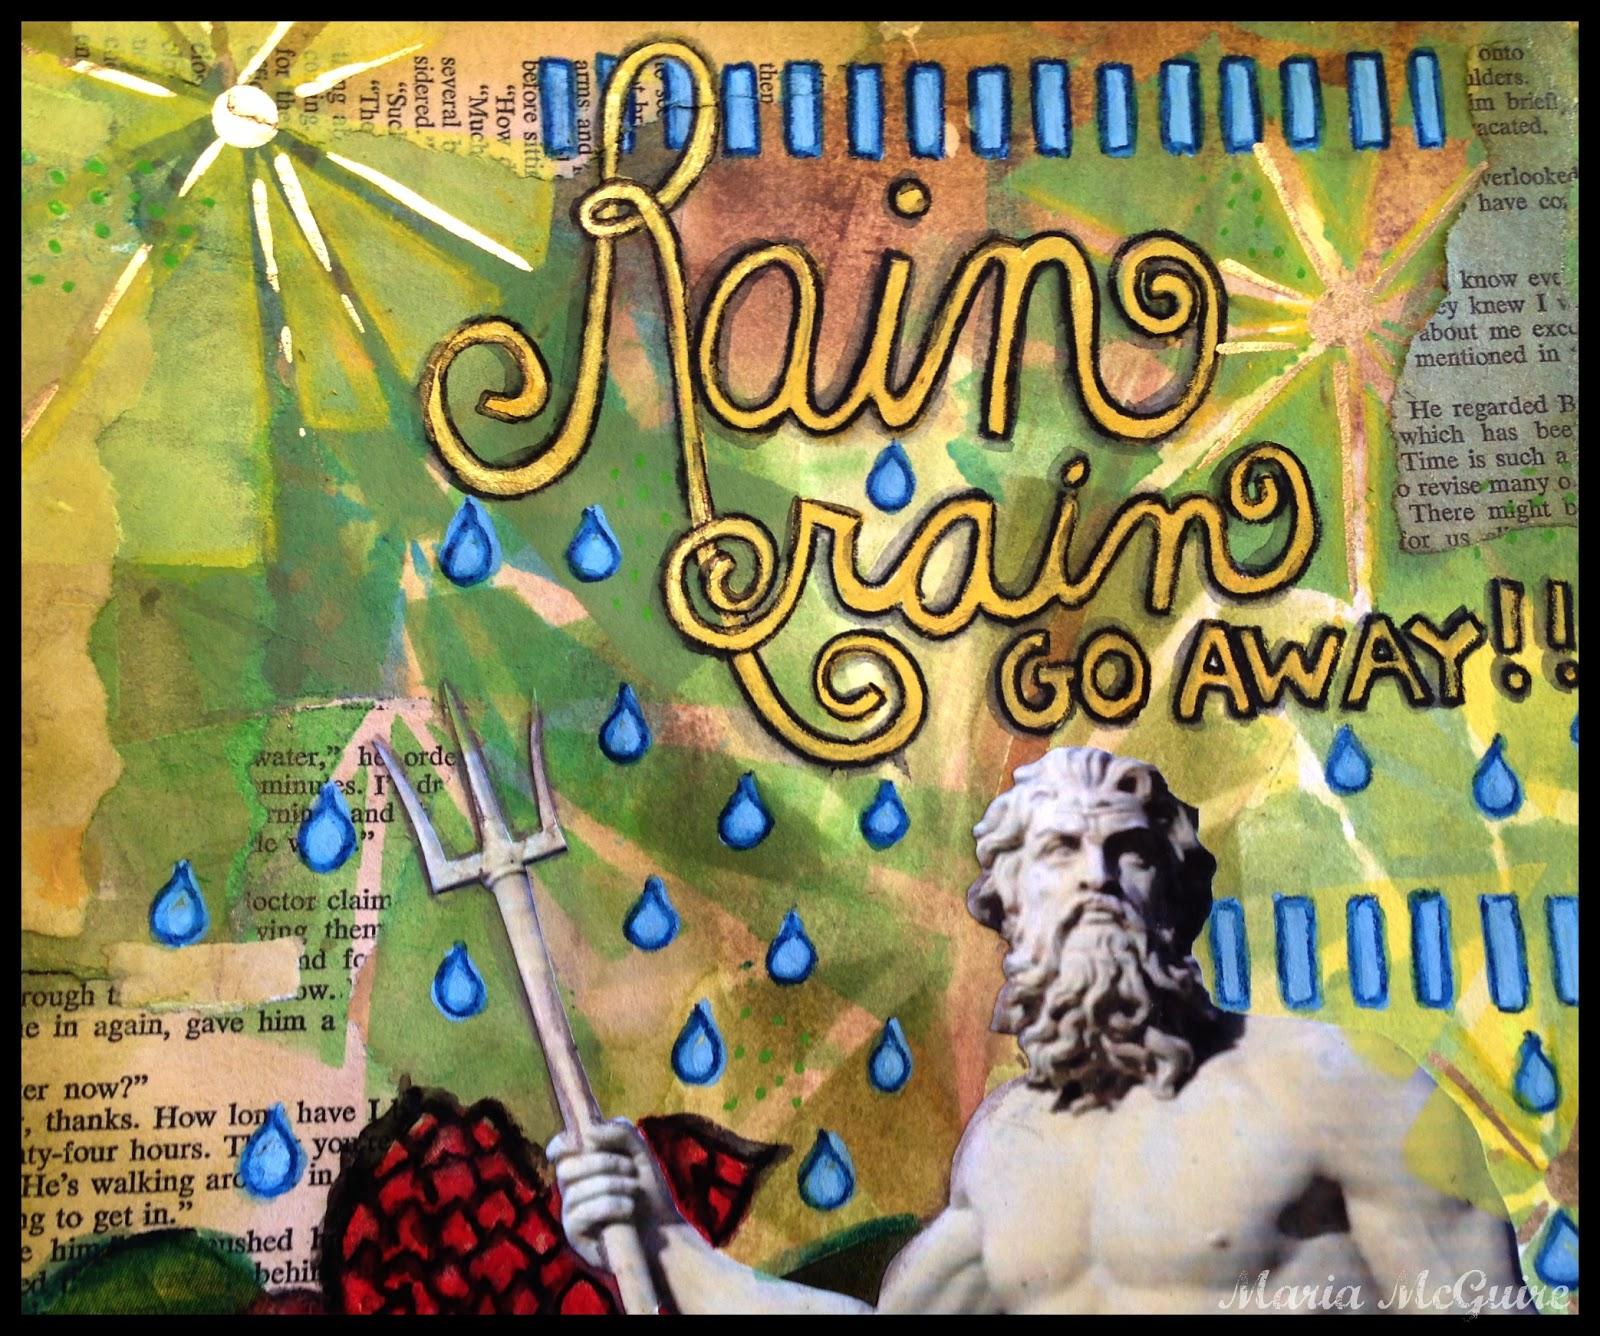 http://3.bp.blogspot.com/-ROPQEmHh068/UUjOo5o0ynI/AAAAAAAAFJI/UMCkVrGEB2k/s1600/Rain-2.jpg